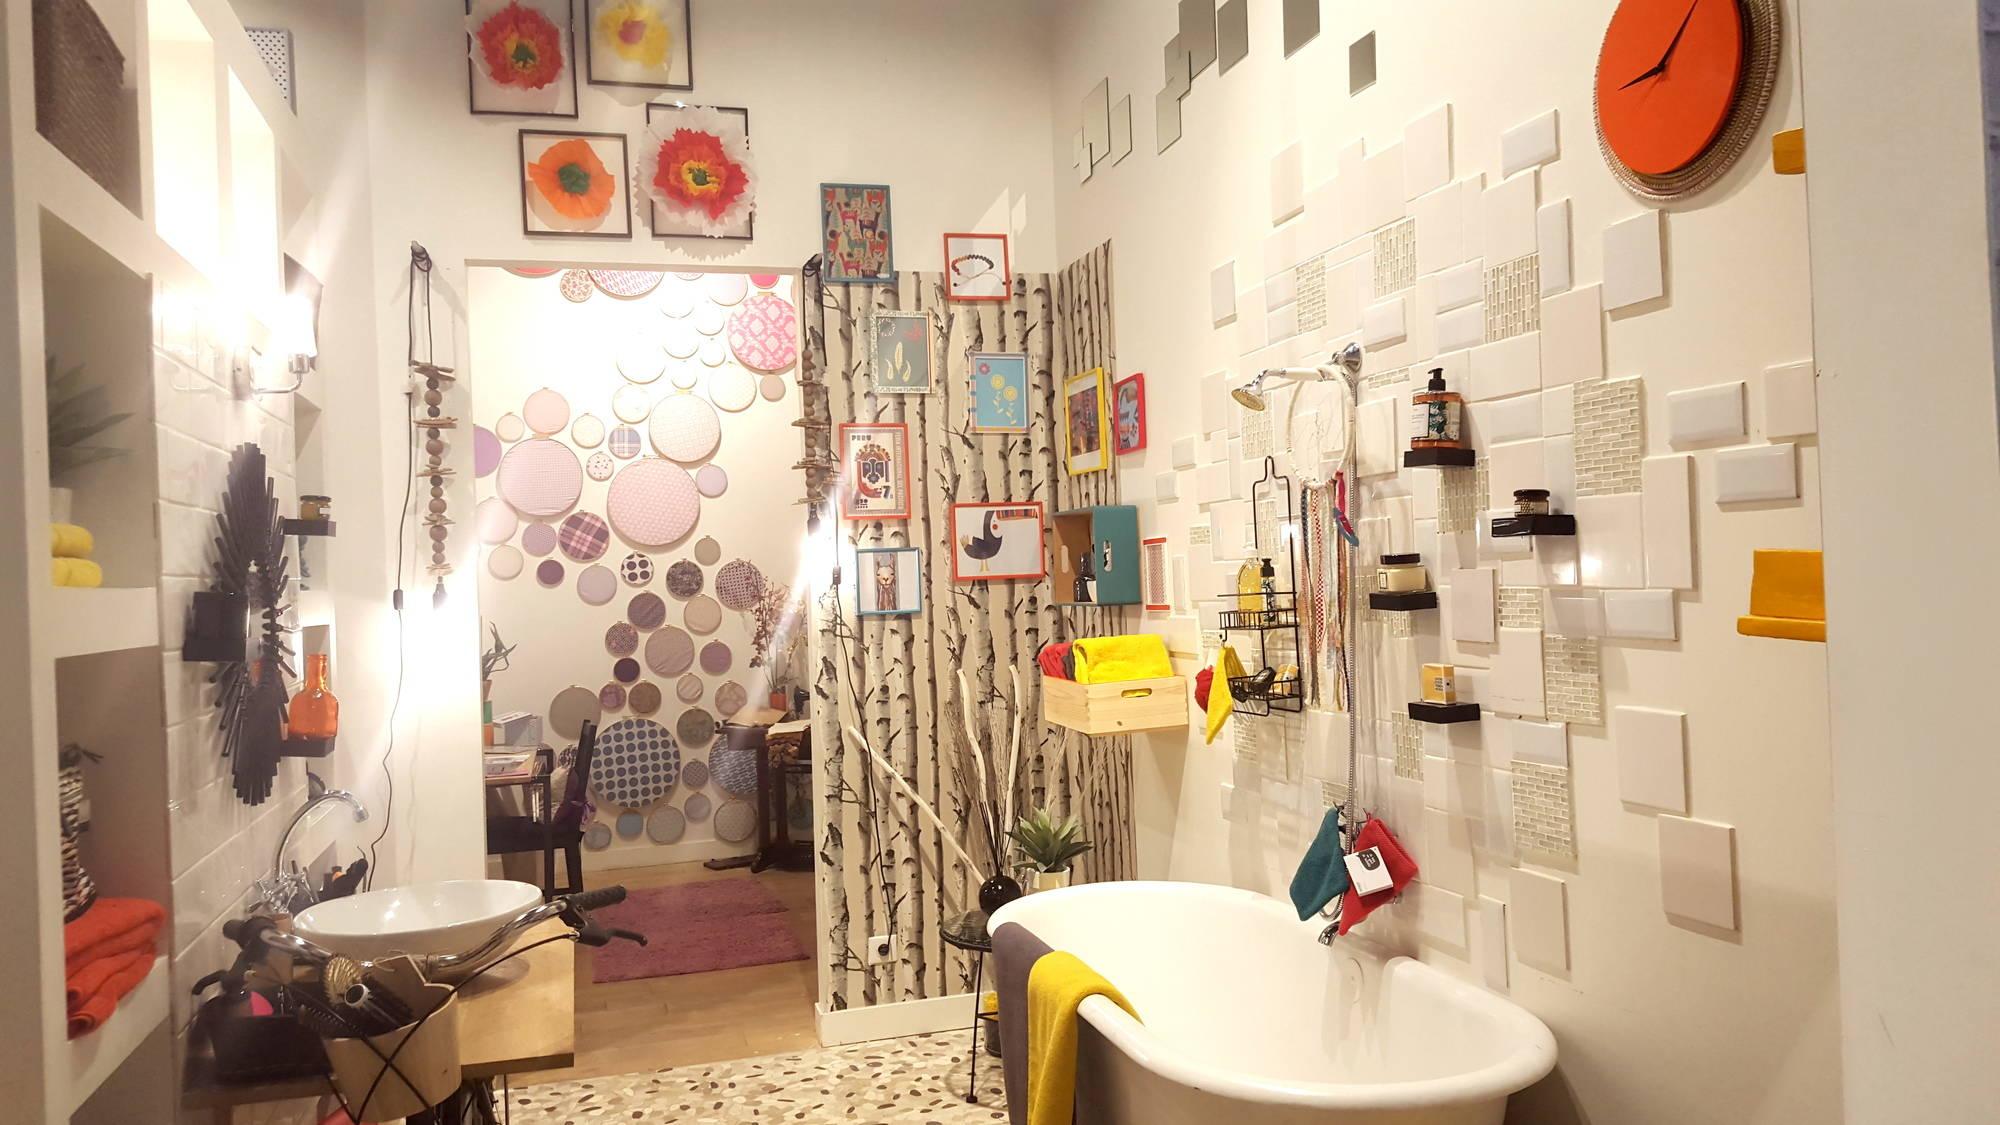 d clic colors dans la salle de bain de gennevilliers. Black Bedroom Furniture Sets. Home Design Ideas